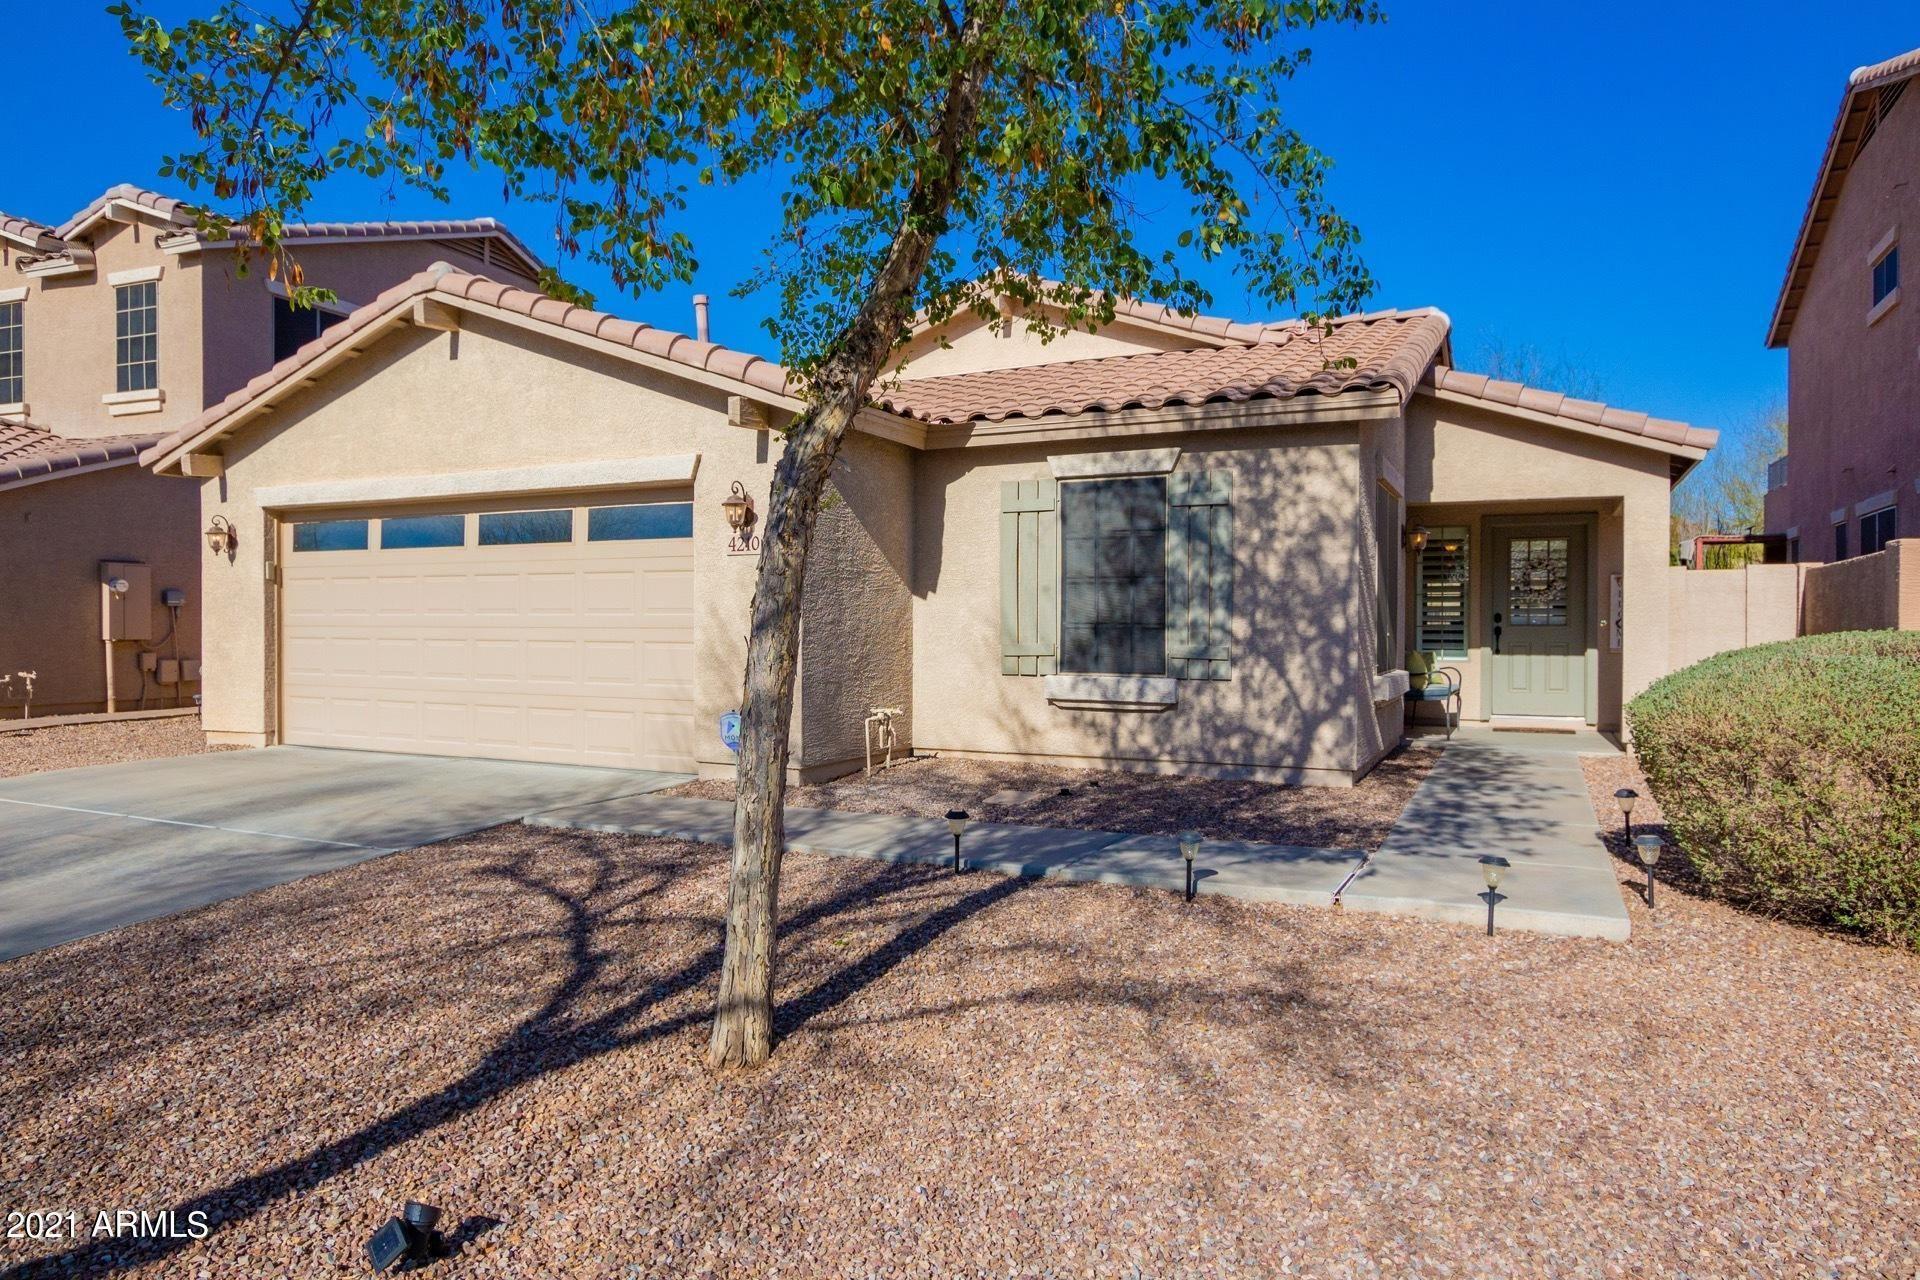 Photo of 4210 E SIDEWINDER Court, Gilbert, AZ 85297 (MLS # 6202258)